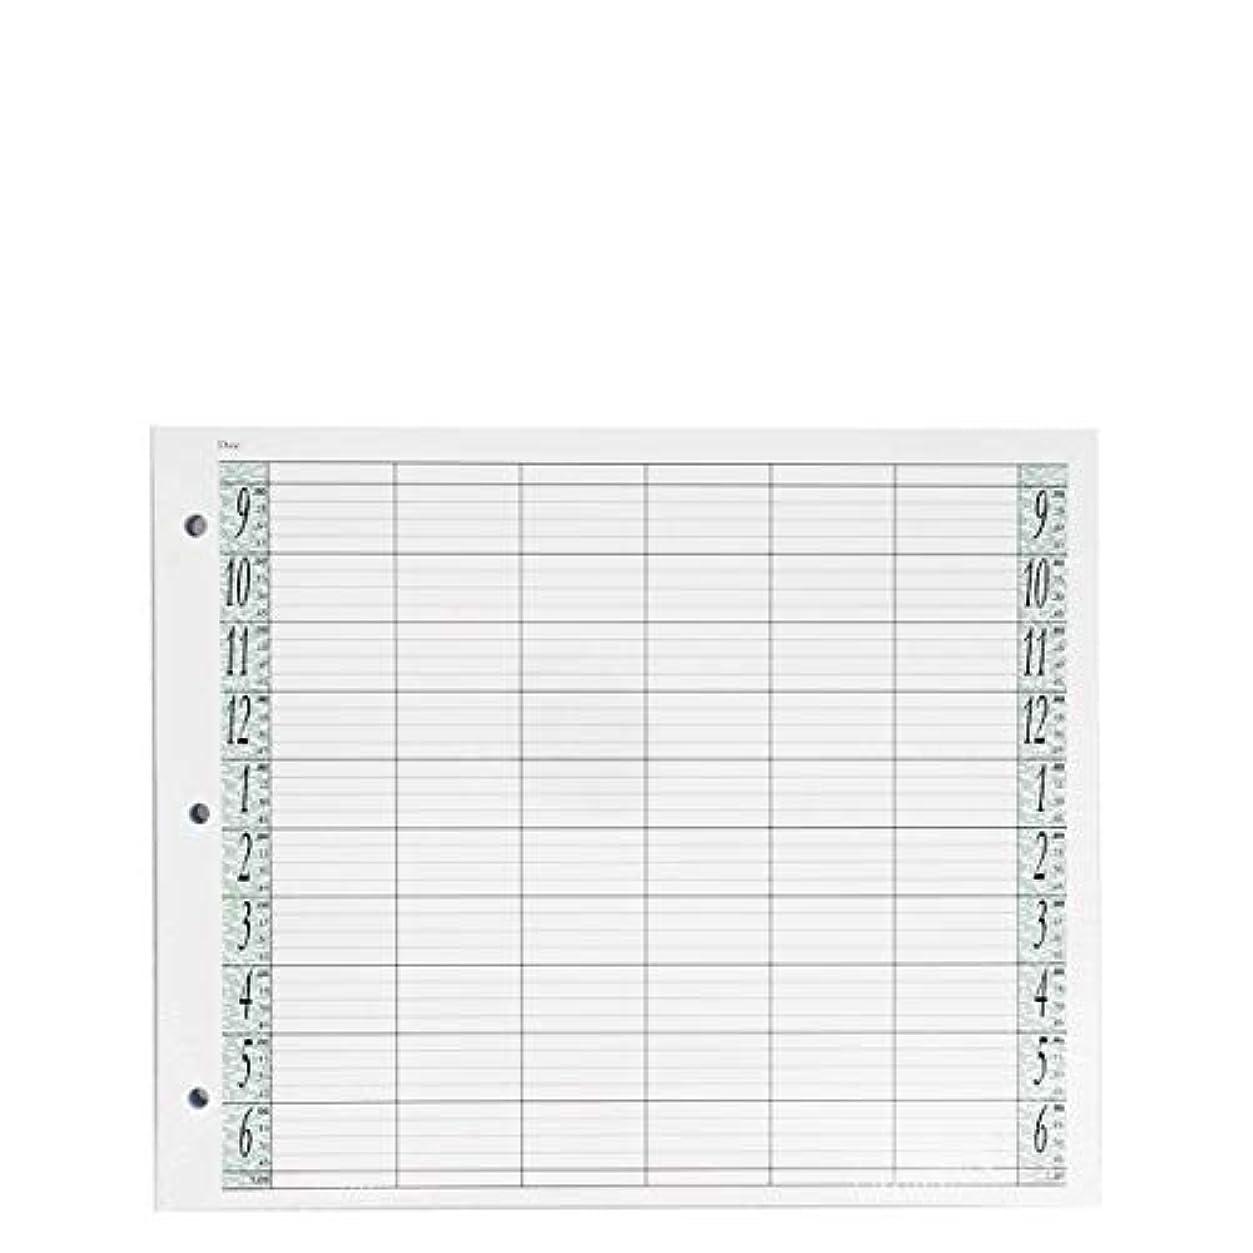 作曲家れる共和国アジェンダ サロンコンセプト ルーズリーフリフィル6色100枚LL6 / Z3[海外直送品] [並行輸入品]